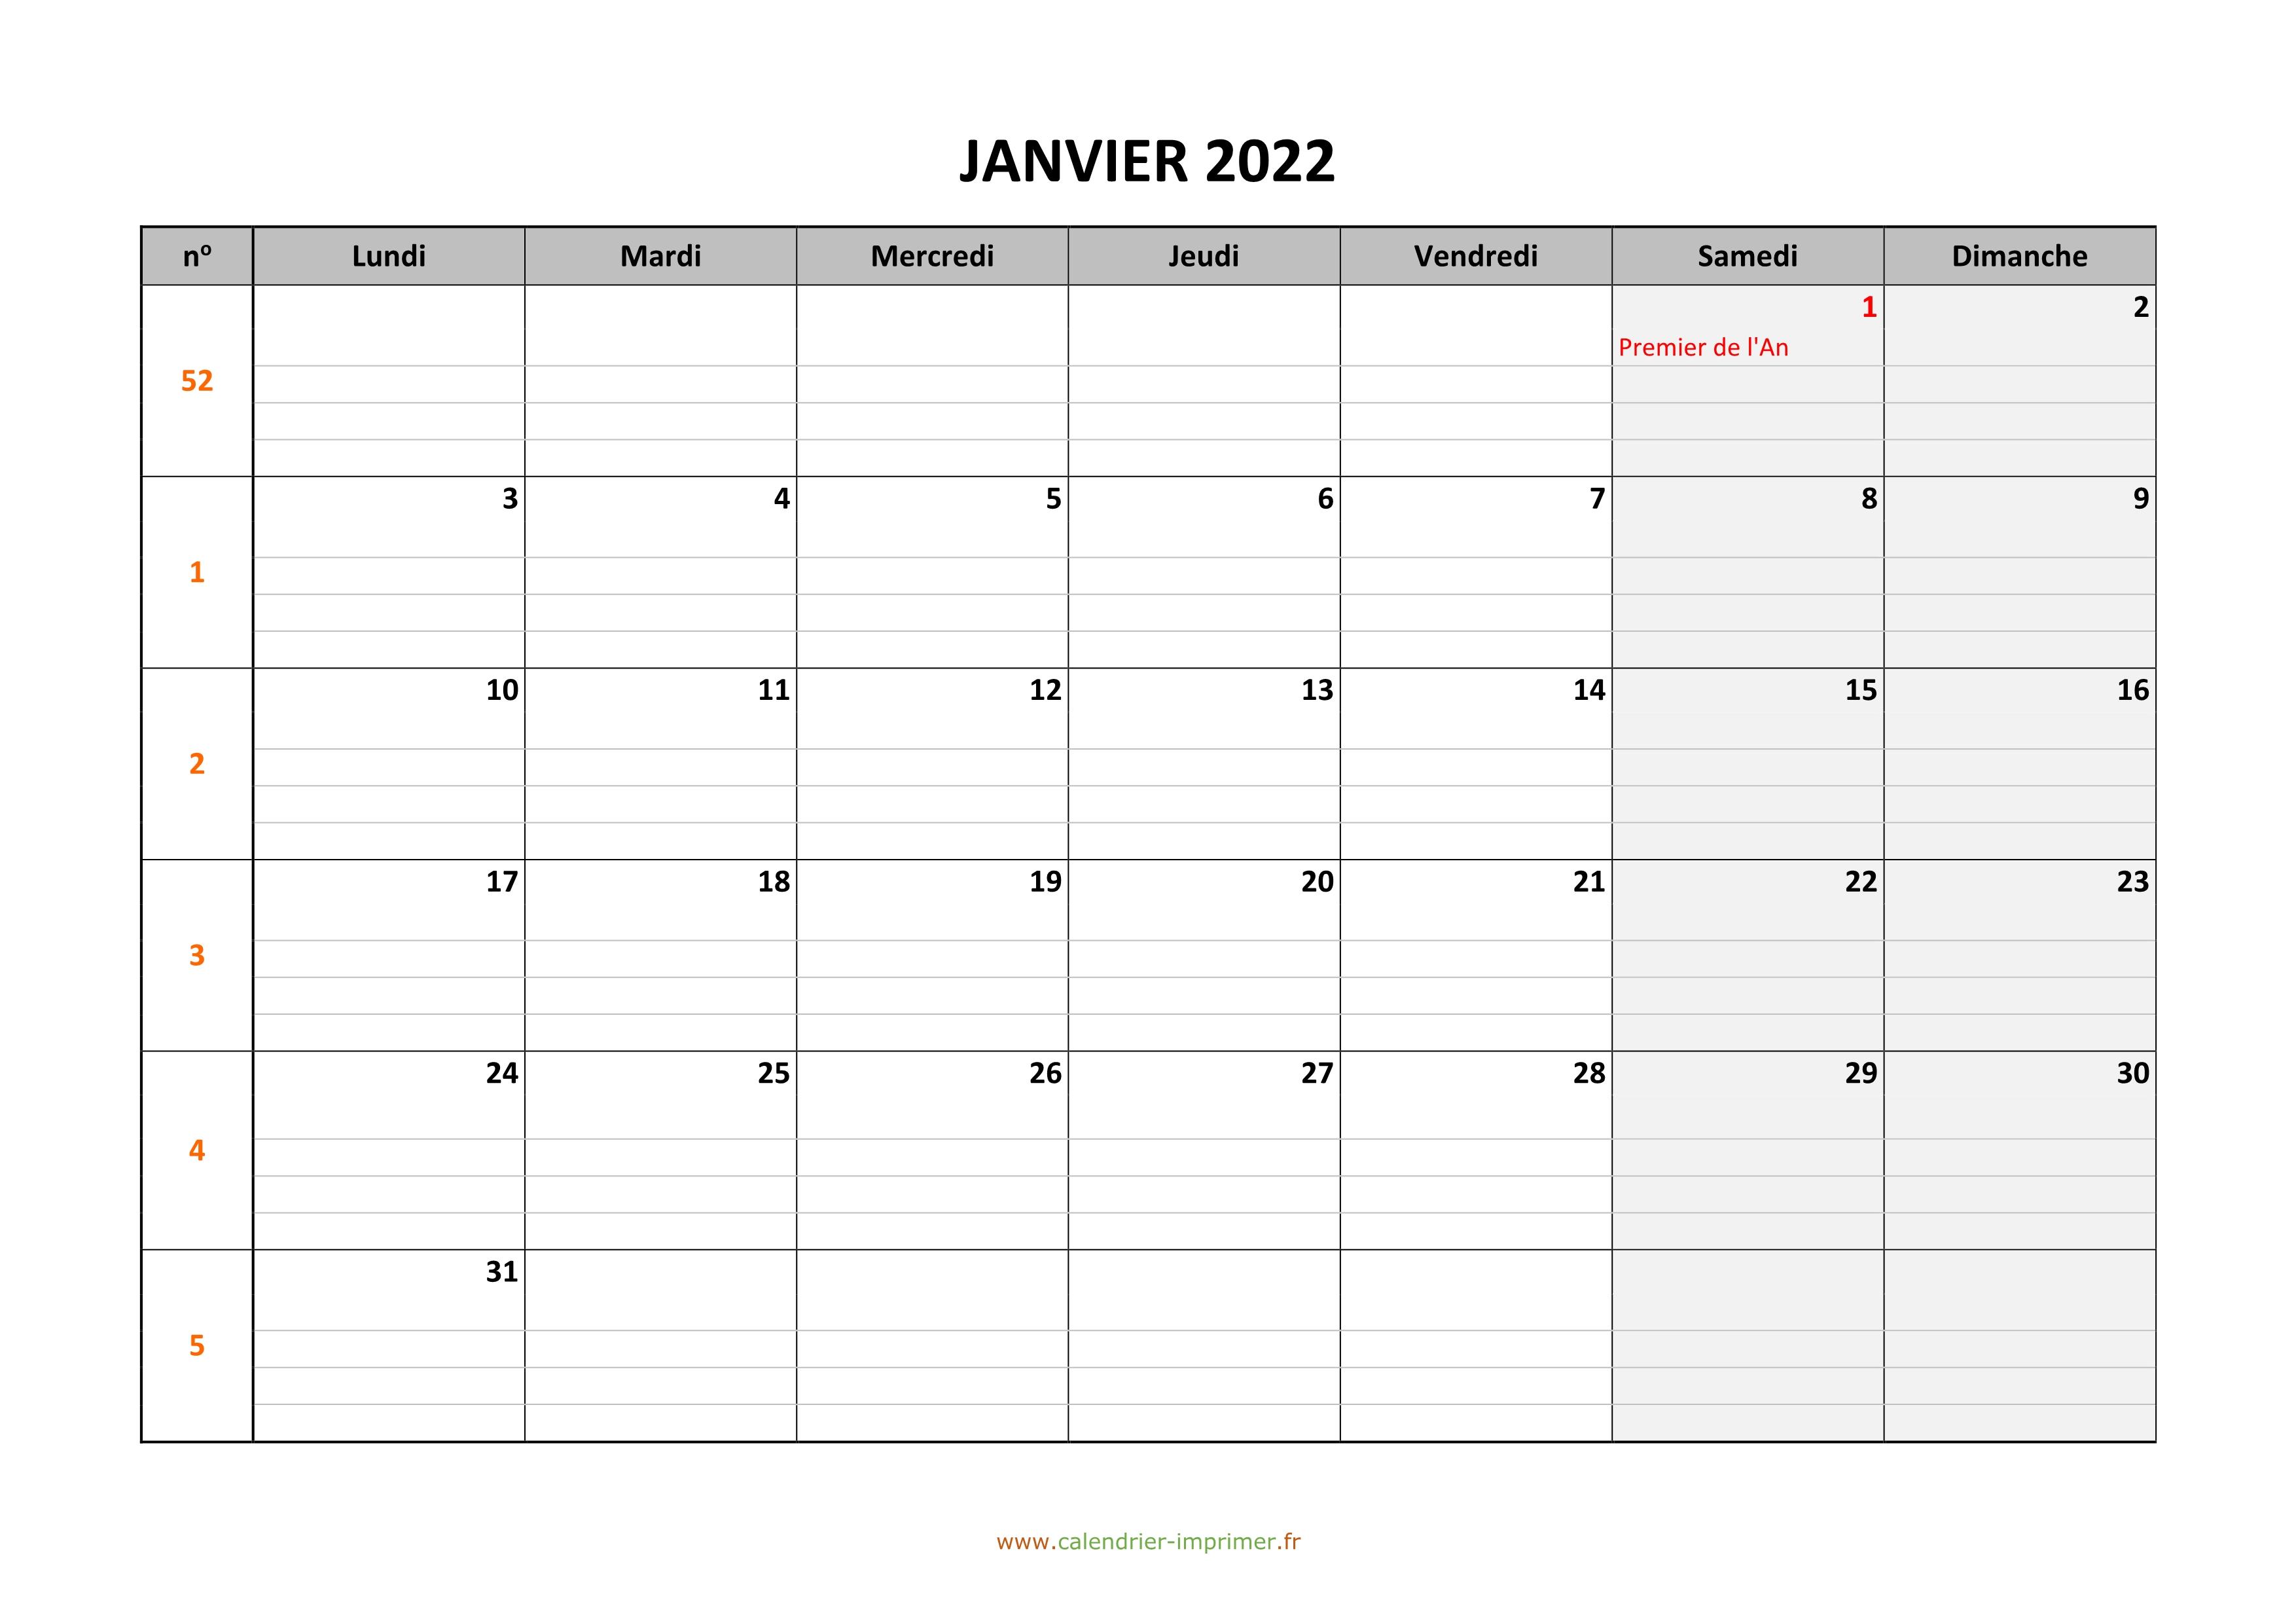 Calendrier Mensuel 2022 à Imprimer Gratuit Calendrier 2022 à imprimer gratuit